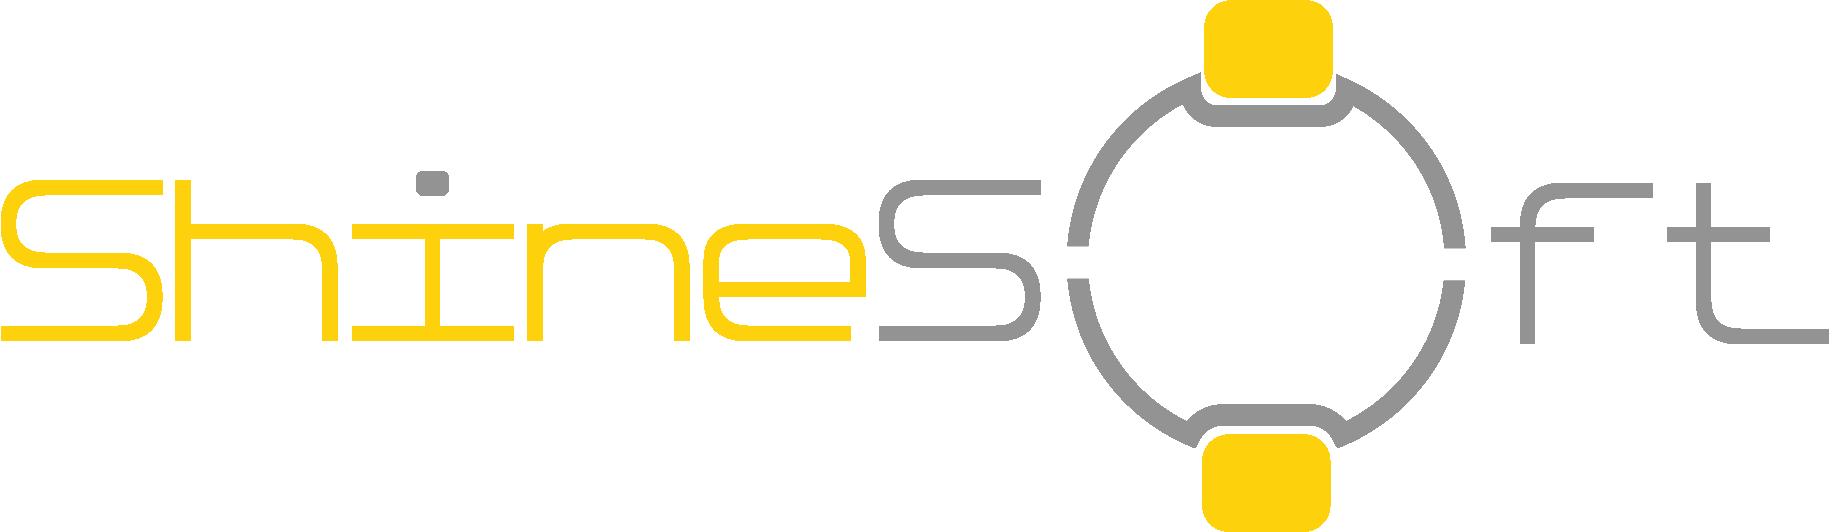 Shinesoft